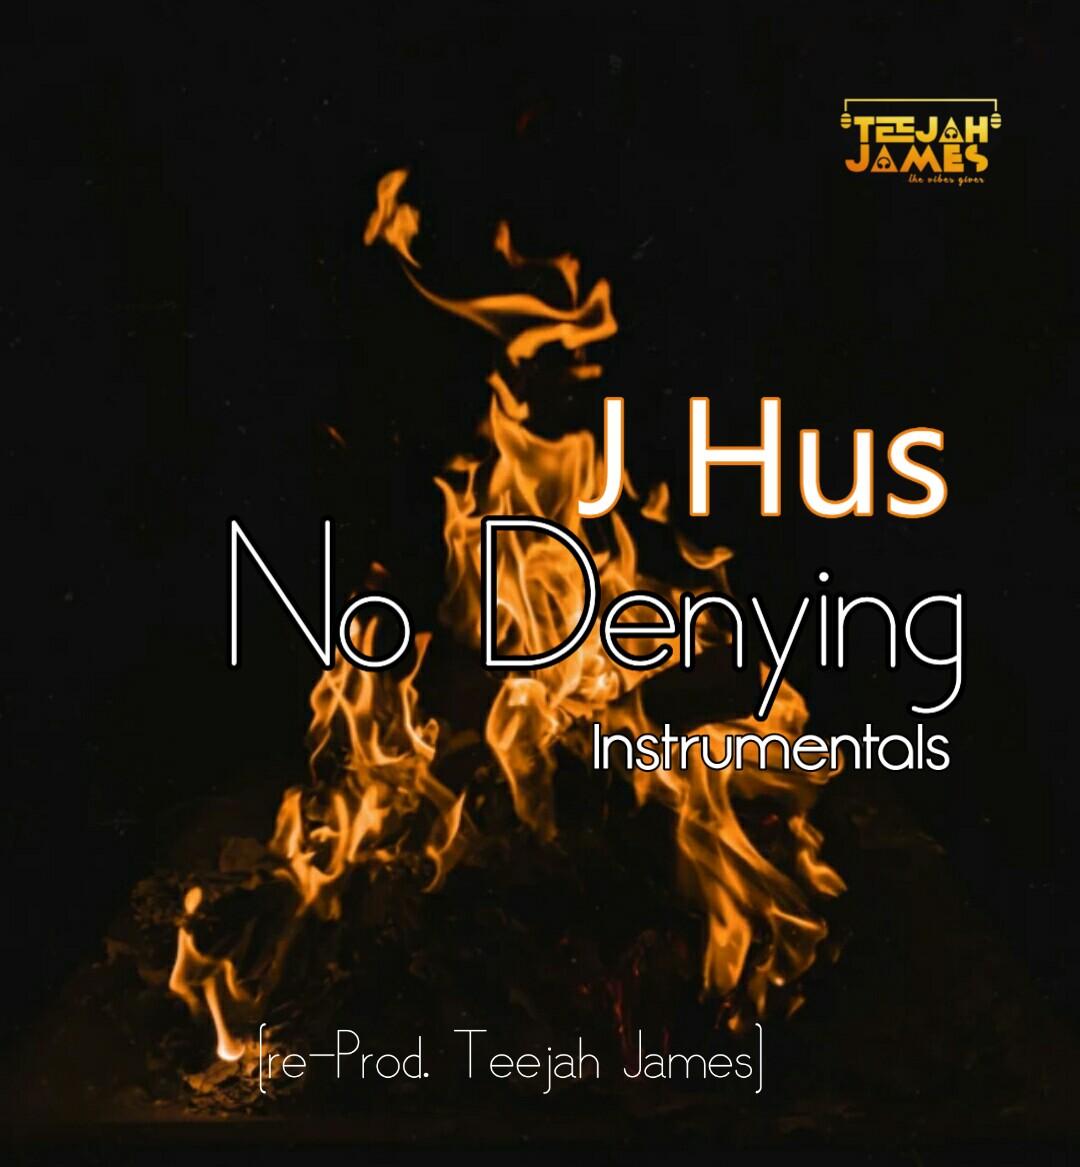 J Hus - No Denying